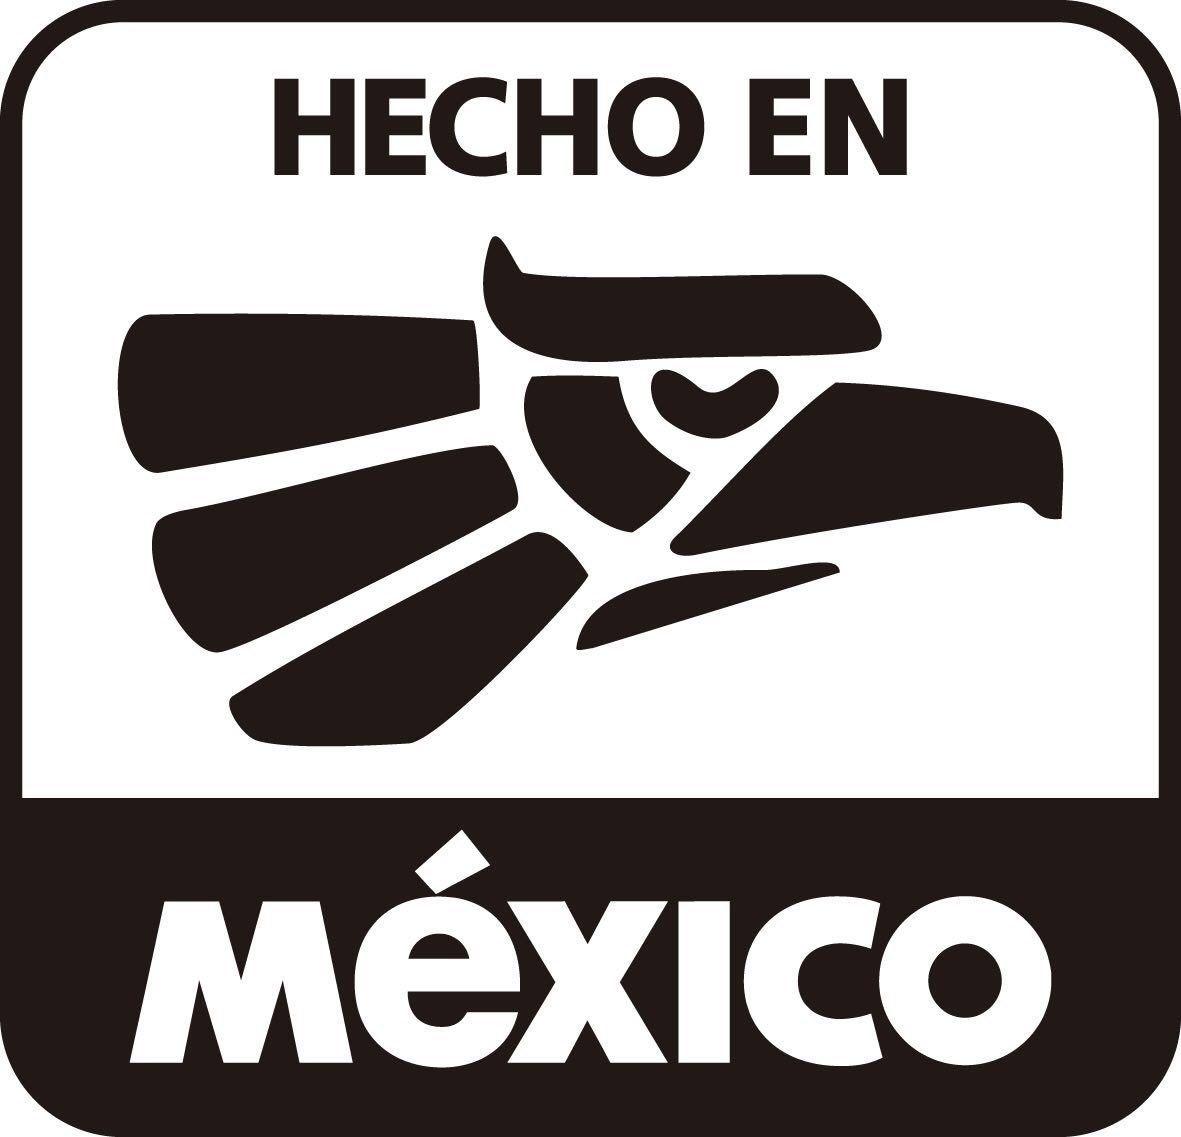 hecho-mexico